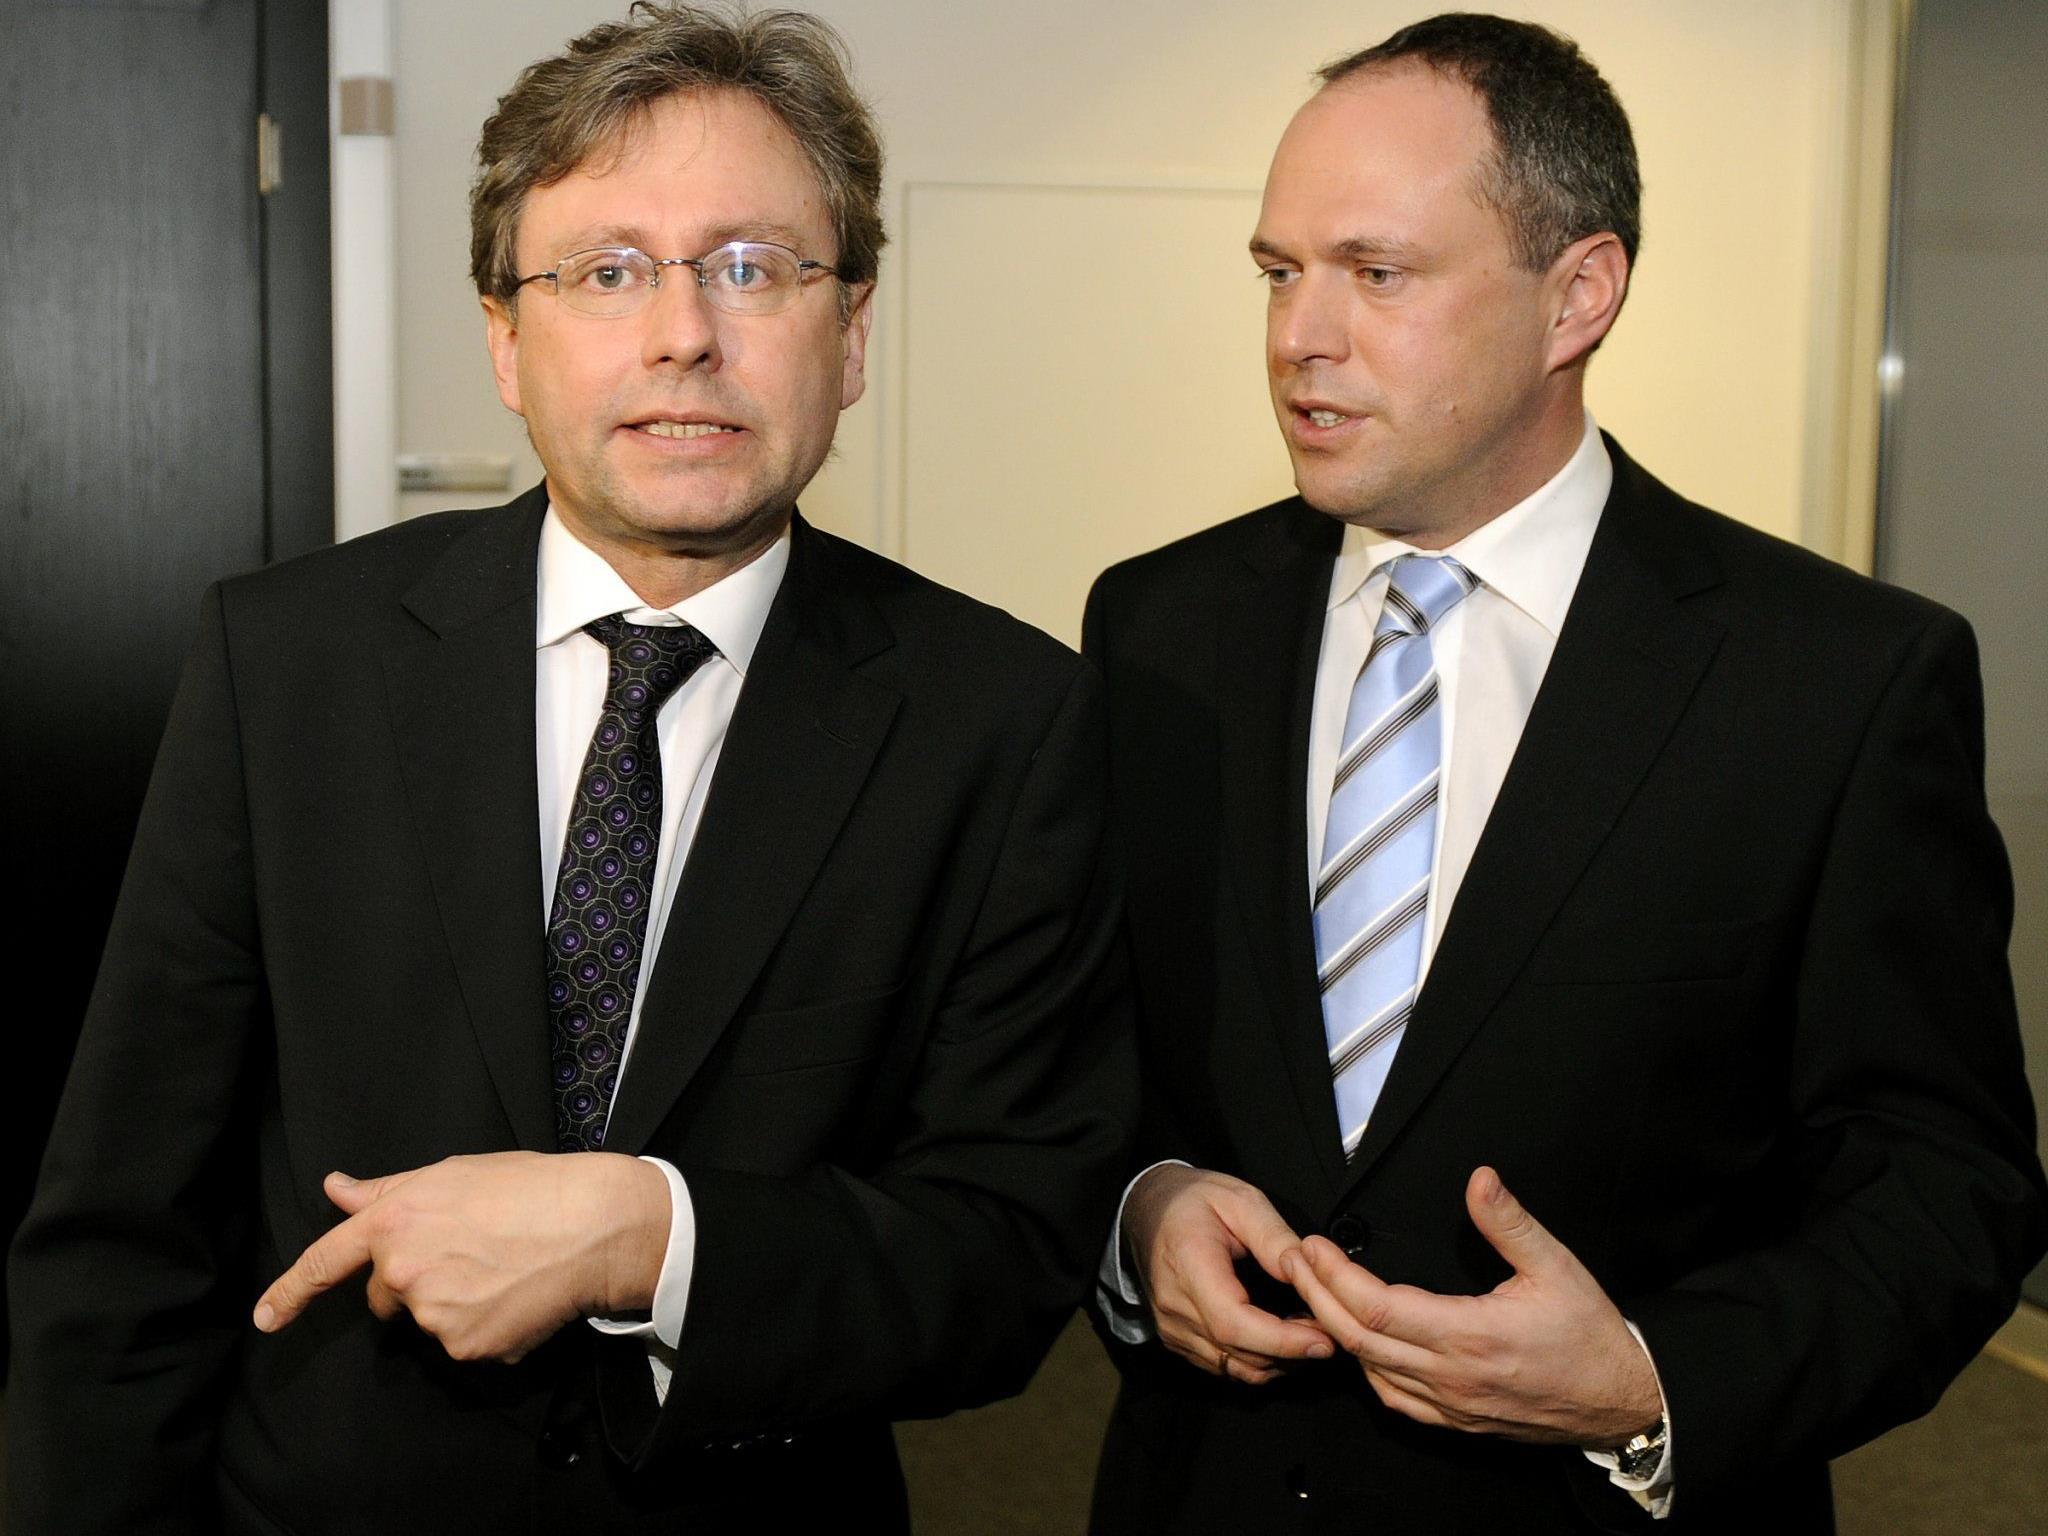 """Dürfen sich über Geldregen freuen, geben aber keine """"Einzelinterviews"""" dazu: Generaldirektor Wrabetz (l.) und Finanzchef Grasl."""